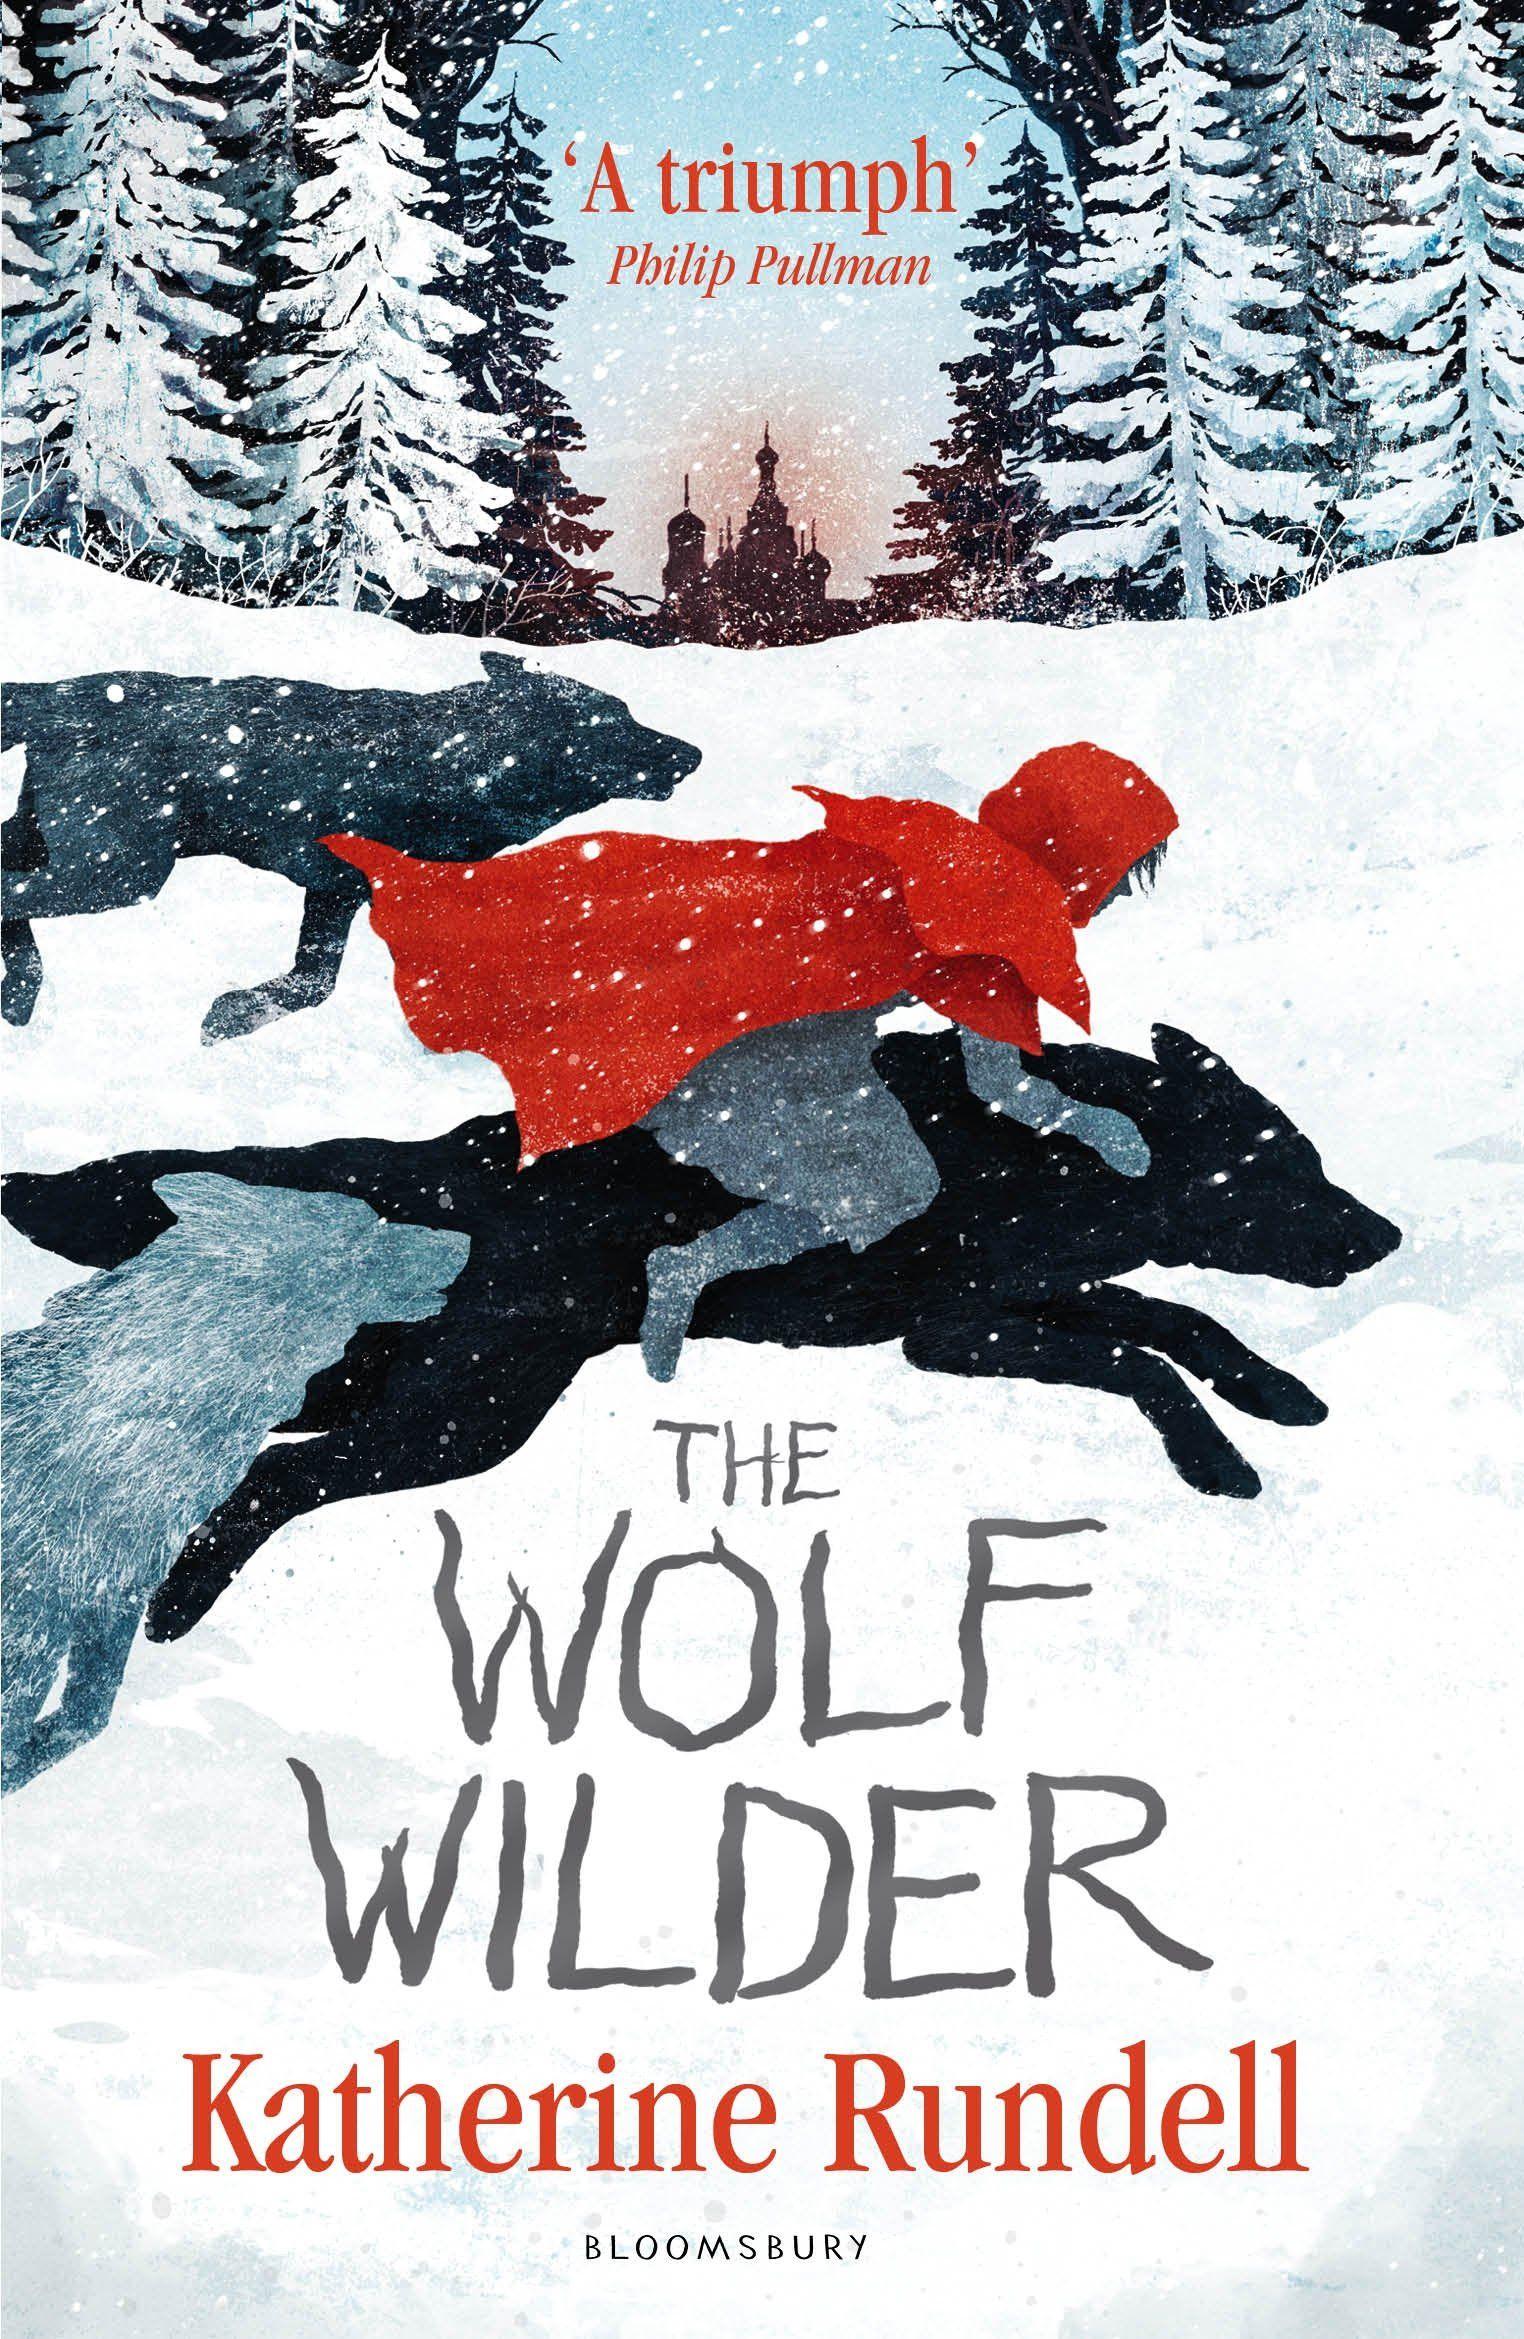 The Wolf Wilder In 2020 Wilder Book Wolf Book Cover Design